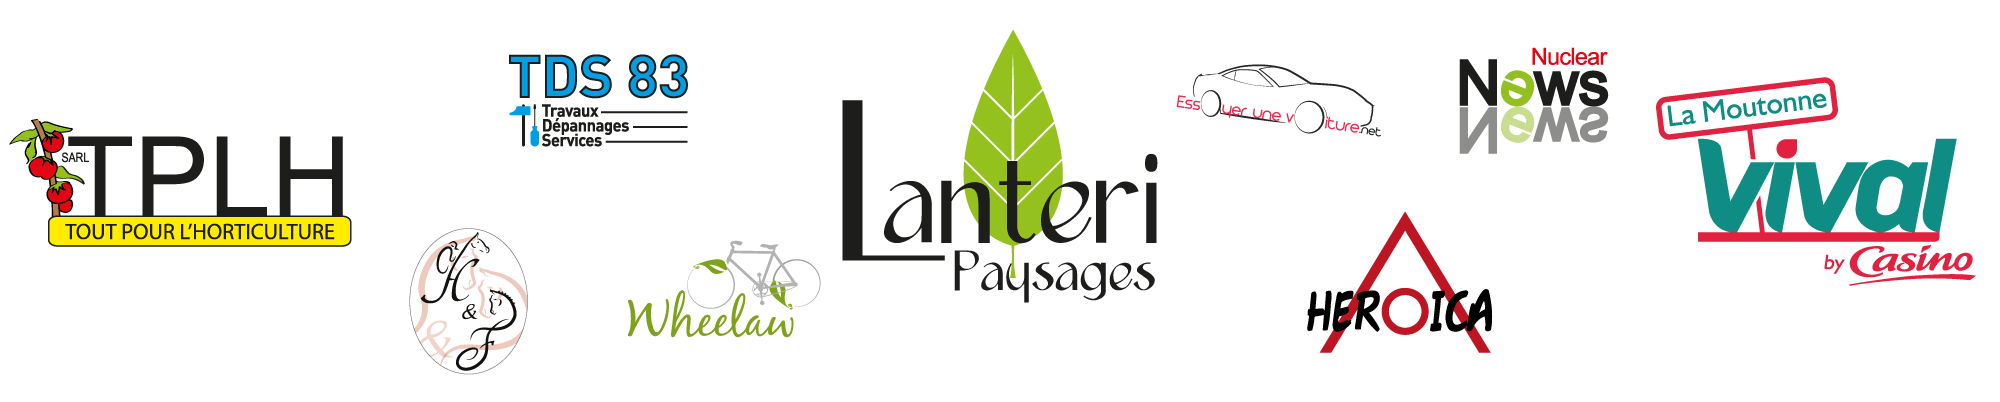 créations de logo (vectorisation et modification)